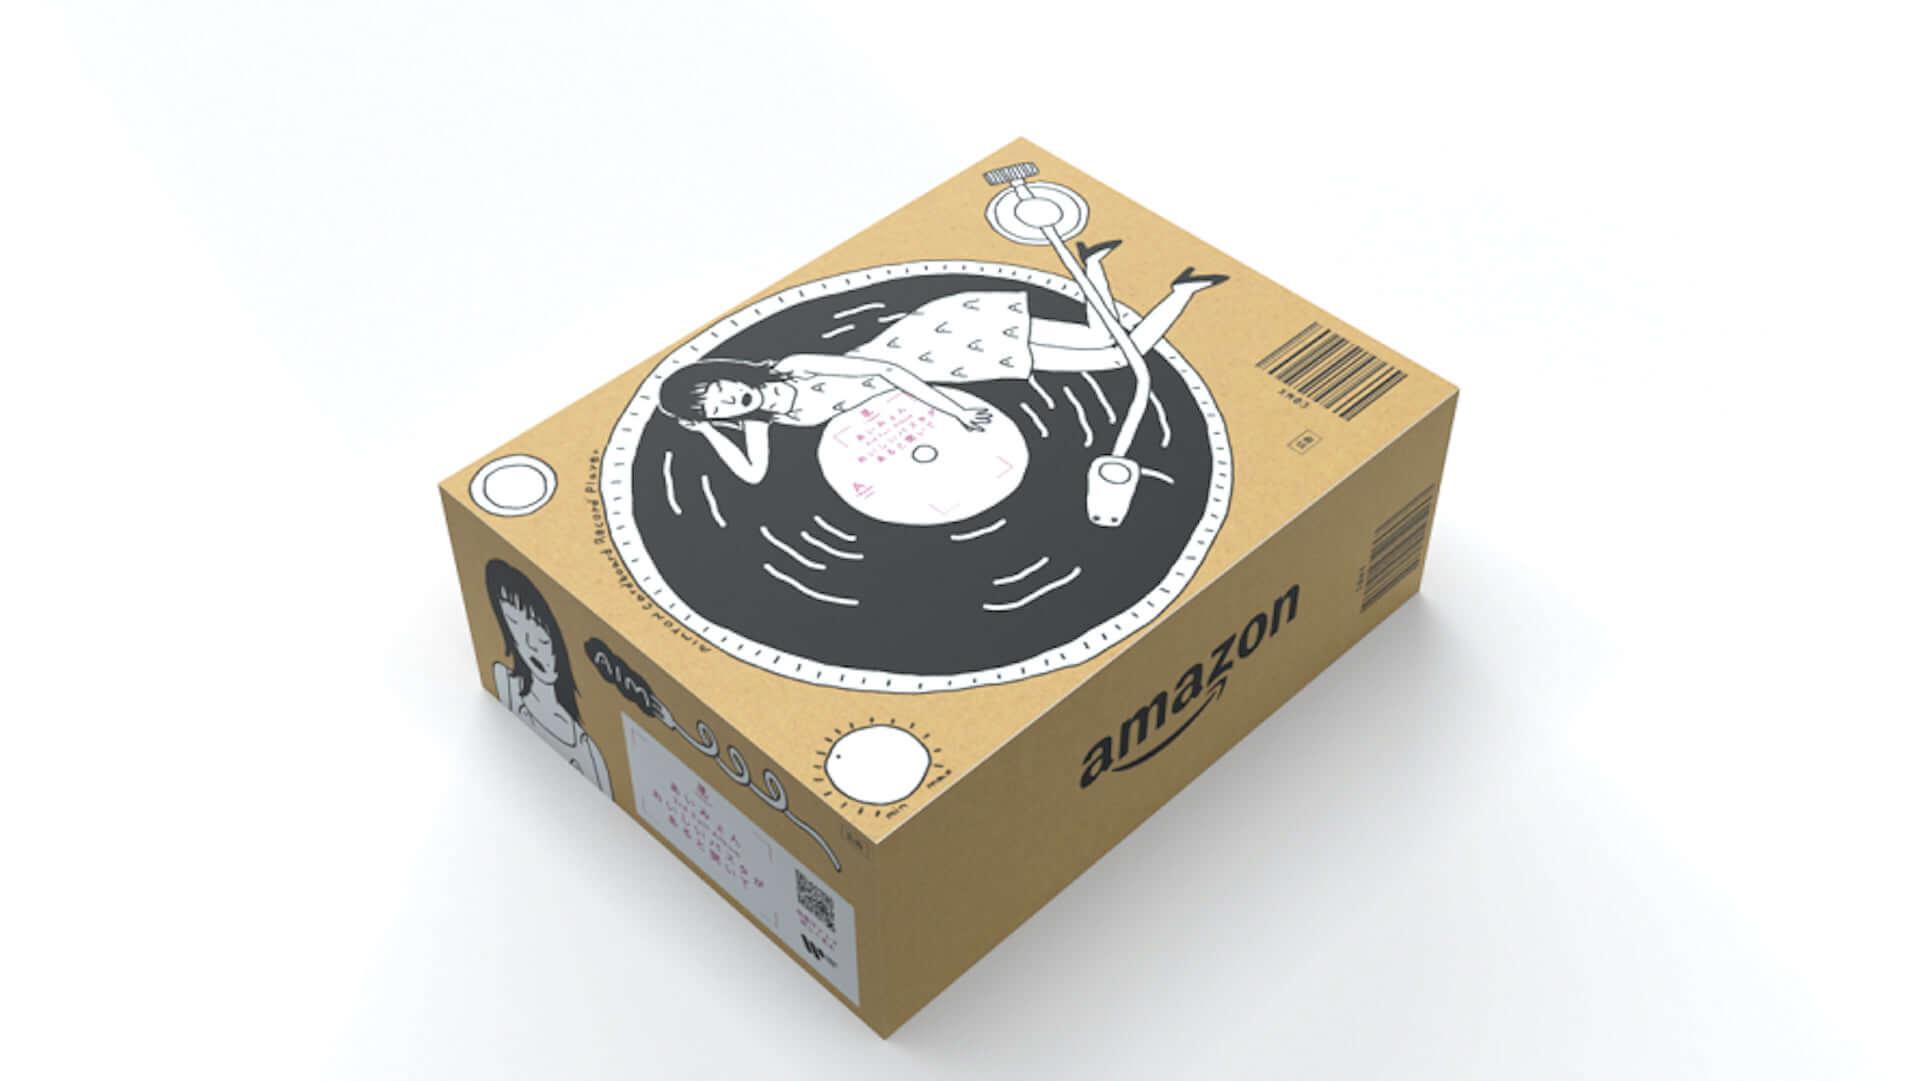 Amazonの梱包ボックスがあいみょん仕様に!とんだ林蘭が手掛ける『あいみょんオリジナルBox』が発送スタート music200911_aimyon_3-1920x1081